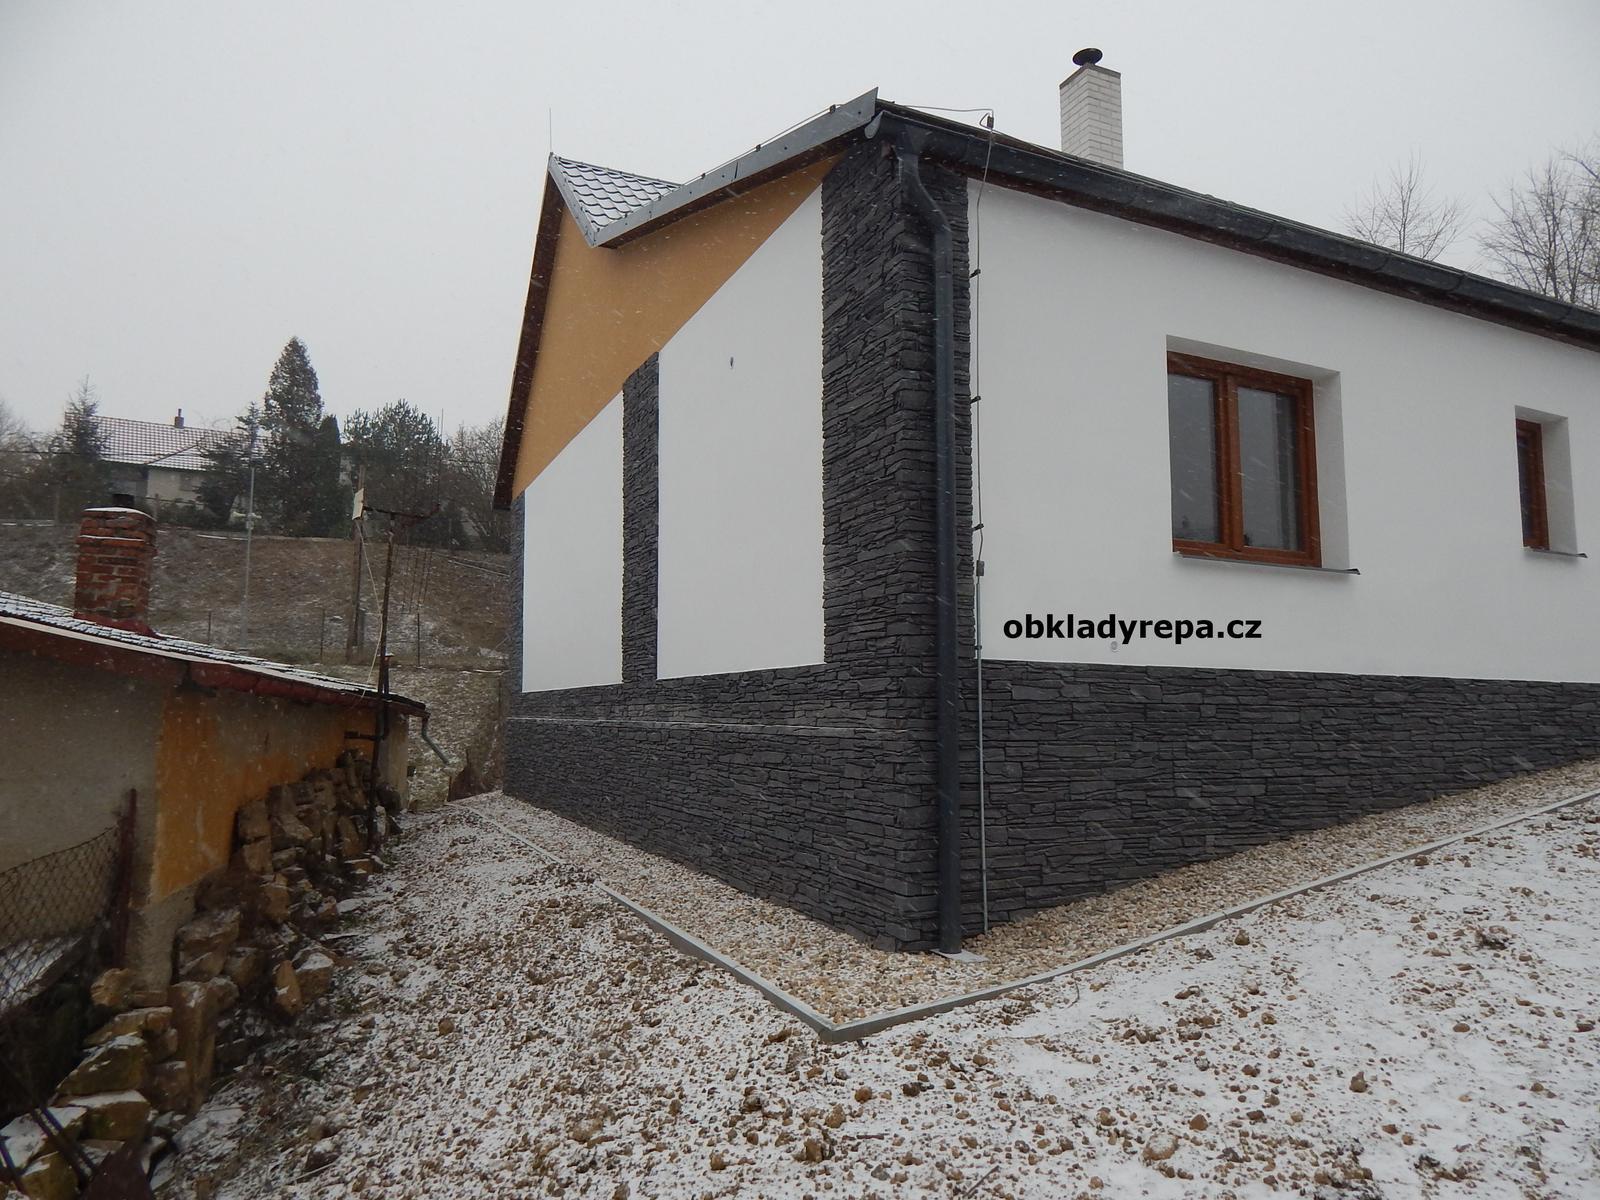 obkladyrepa - Sokl a fasáda domu s novým kabátem v podobě kamene.